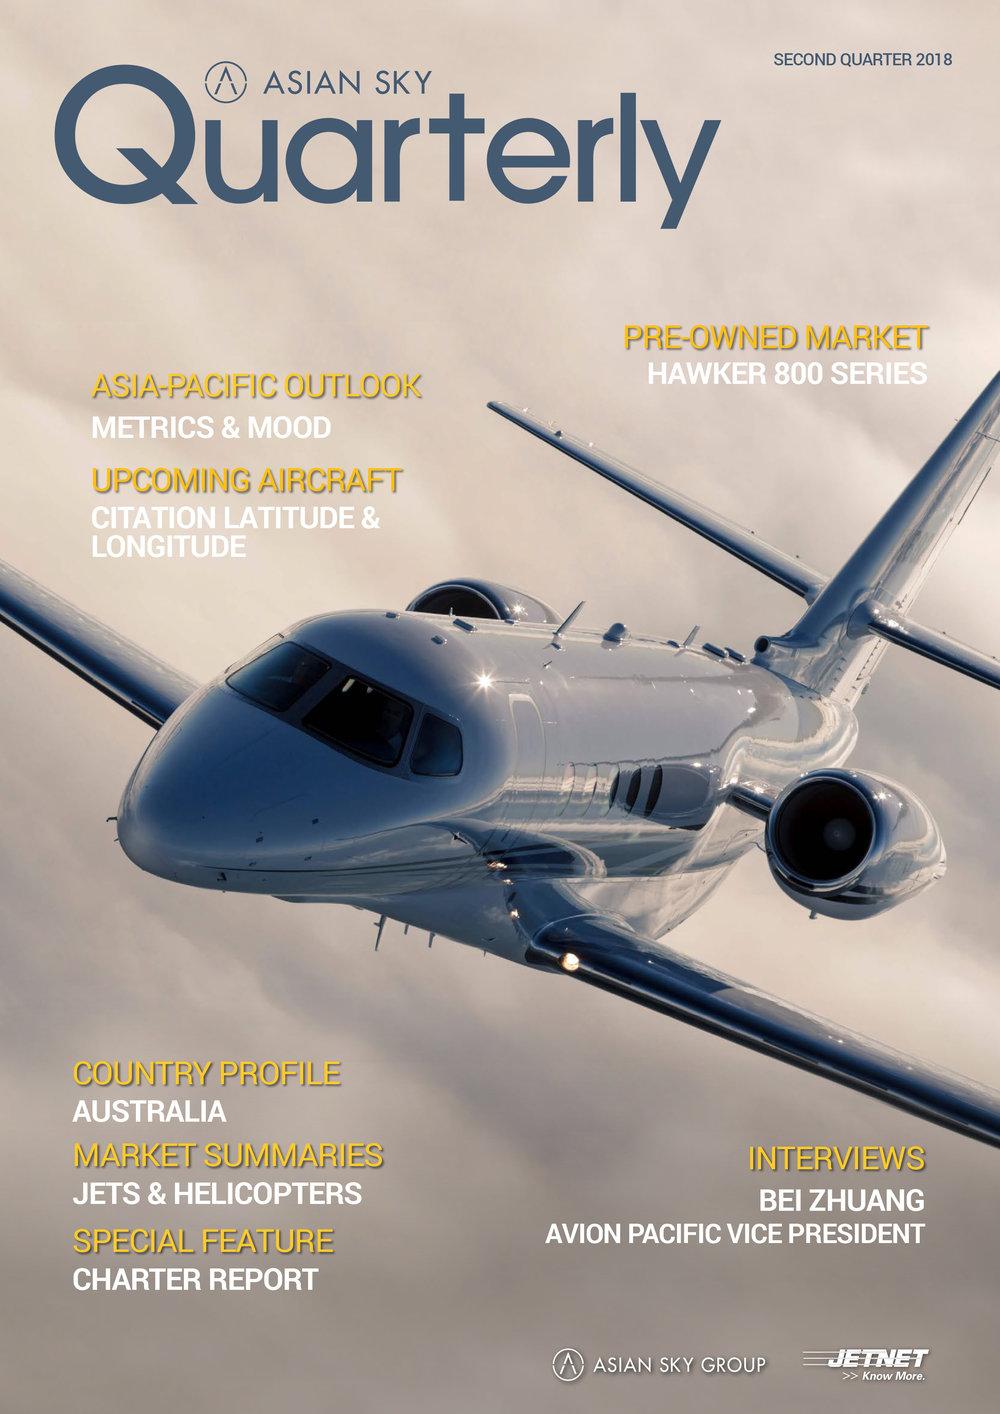 Asian Sky Quarterly - Q2 2018